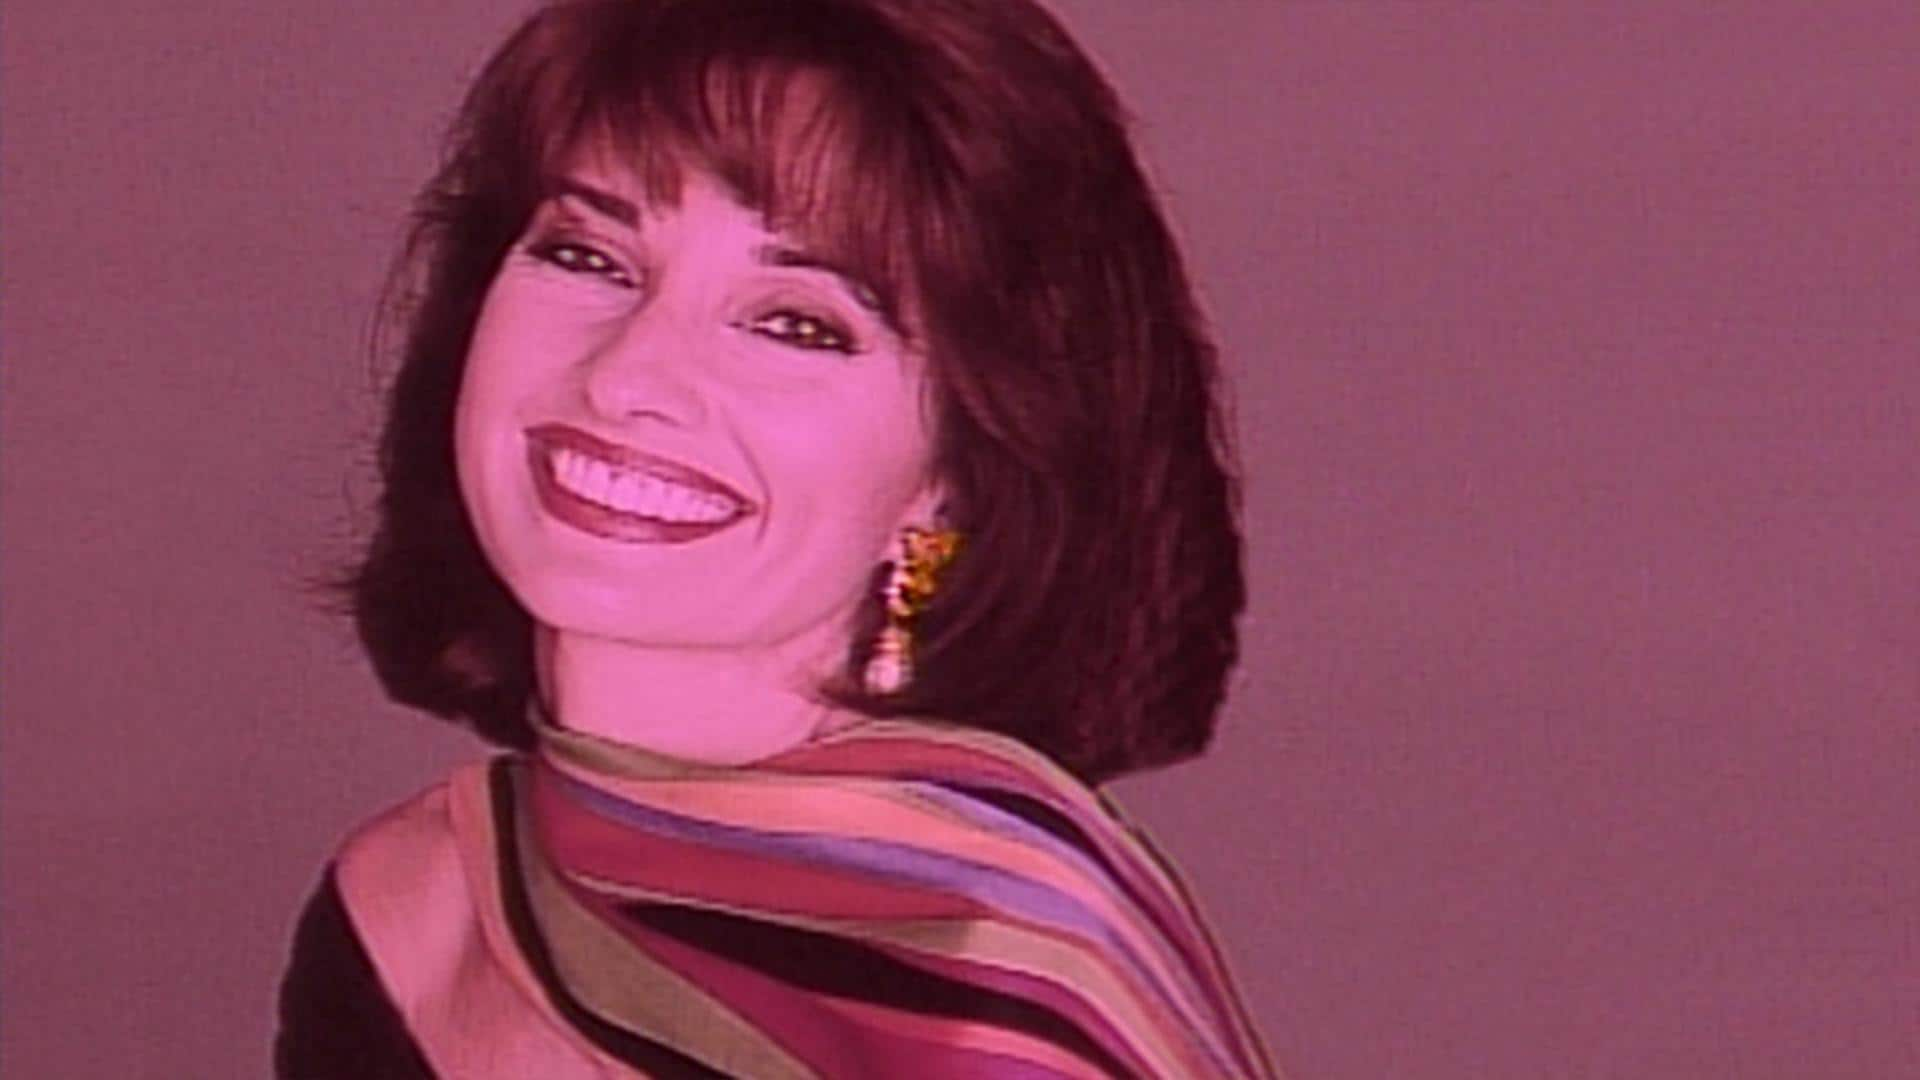 Susan Lucci: October 6, 1990